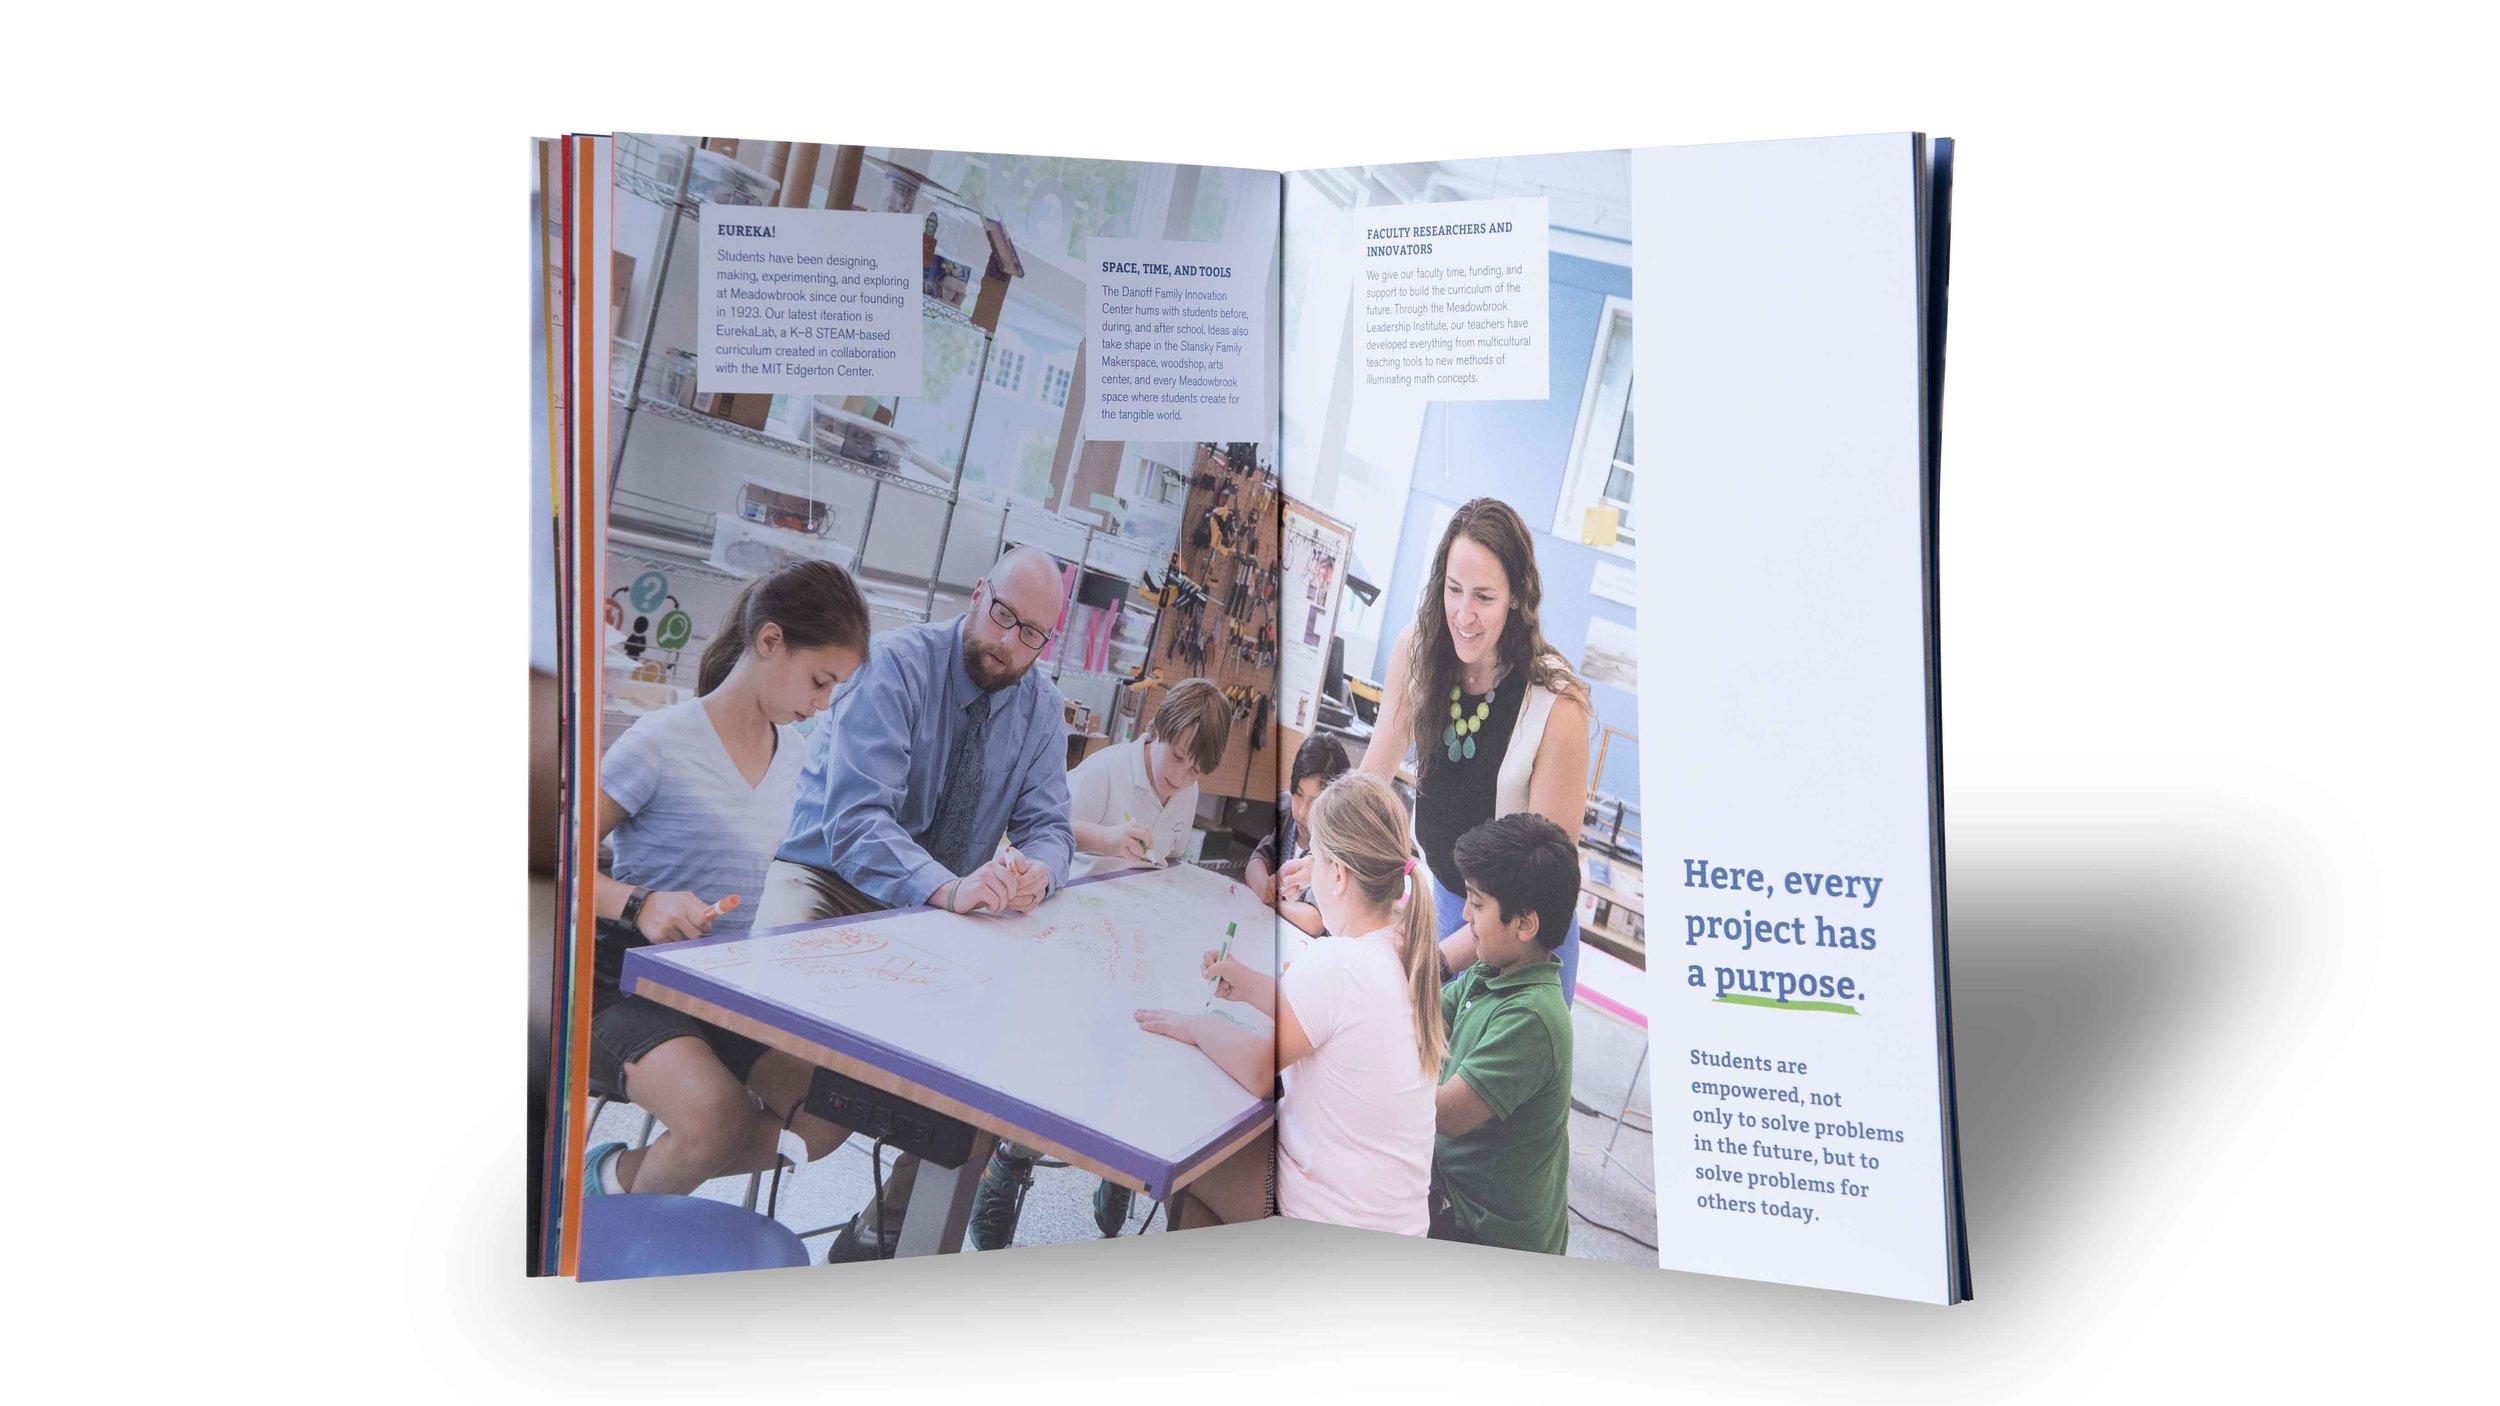 Meadowbrook-School-Creosote-Affects-Viewbook-7.jpg